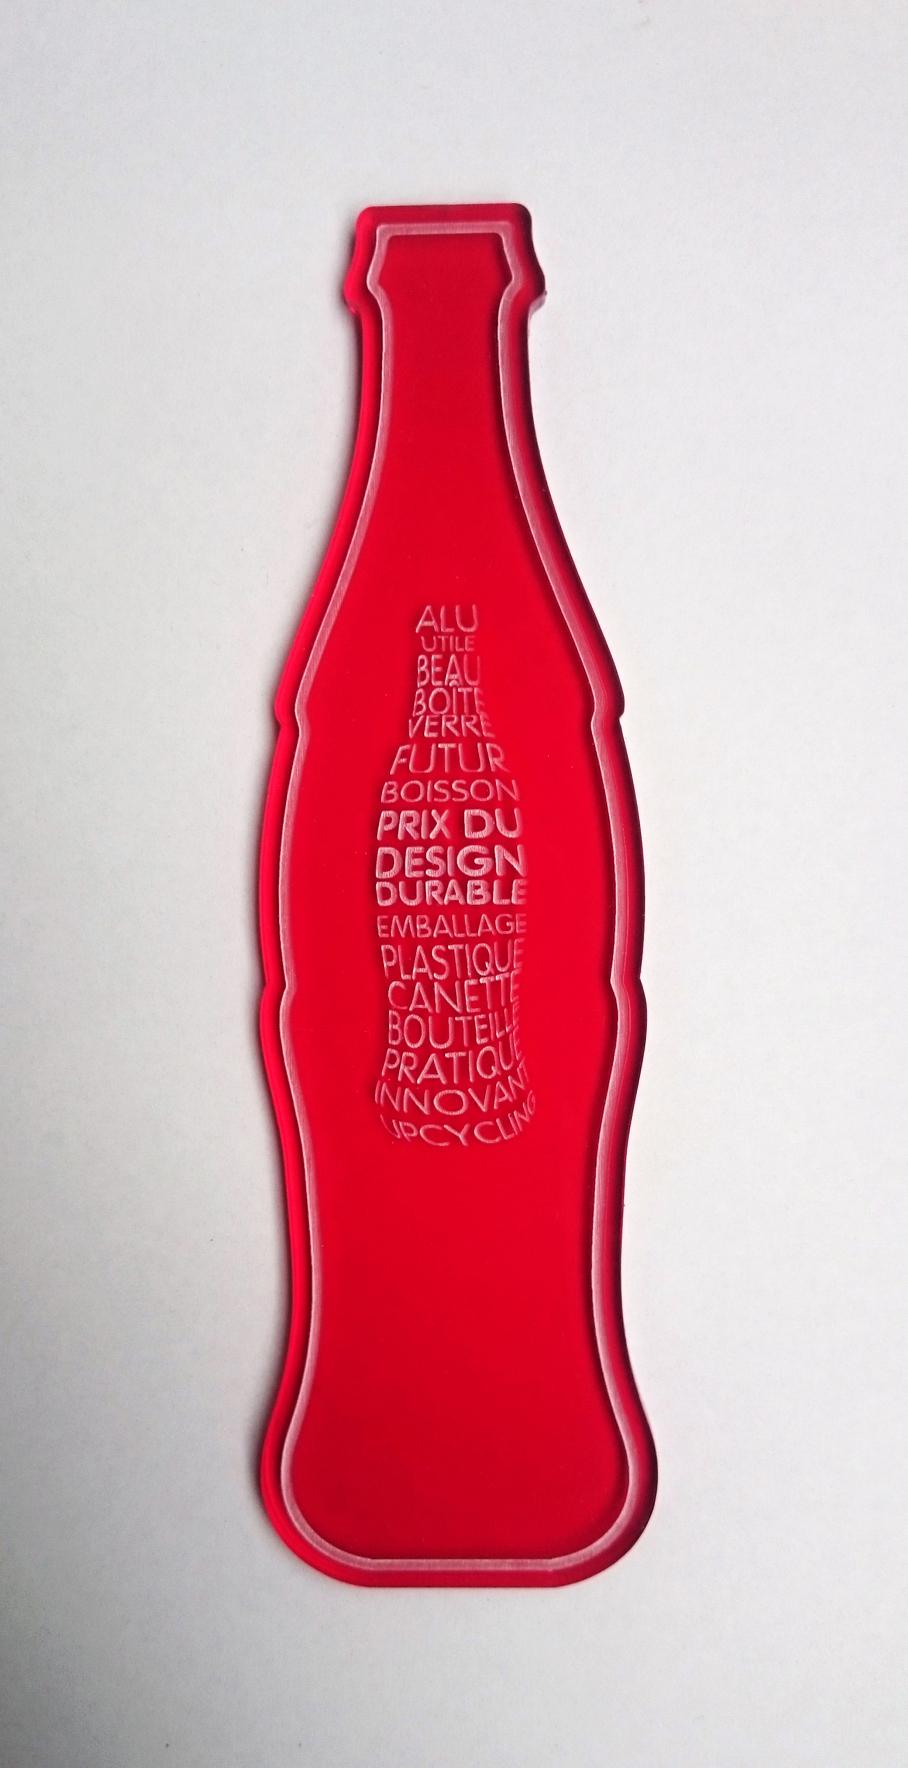 Trophee COCA COLA SISMO 2015 3 Avant montage Fabrication bouteille rouge chaise prix du design durable design sur-mesure Agence MAJOTIK